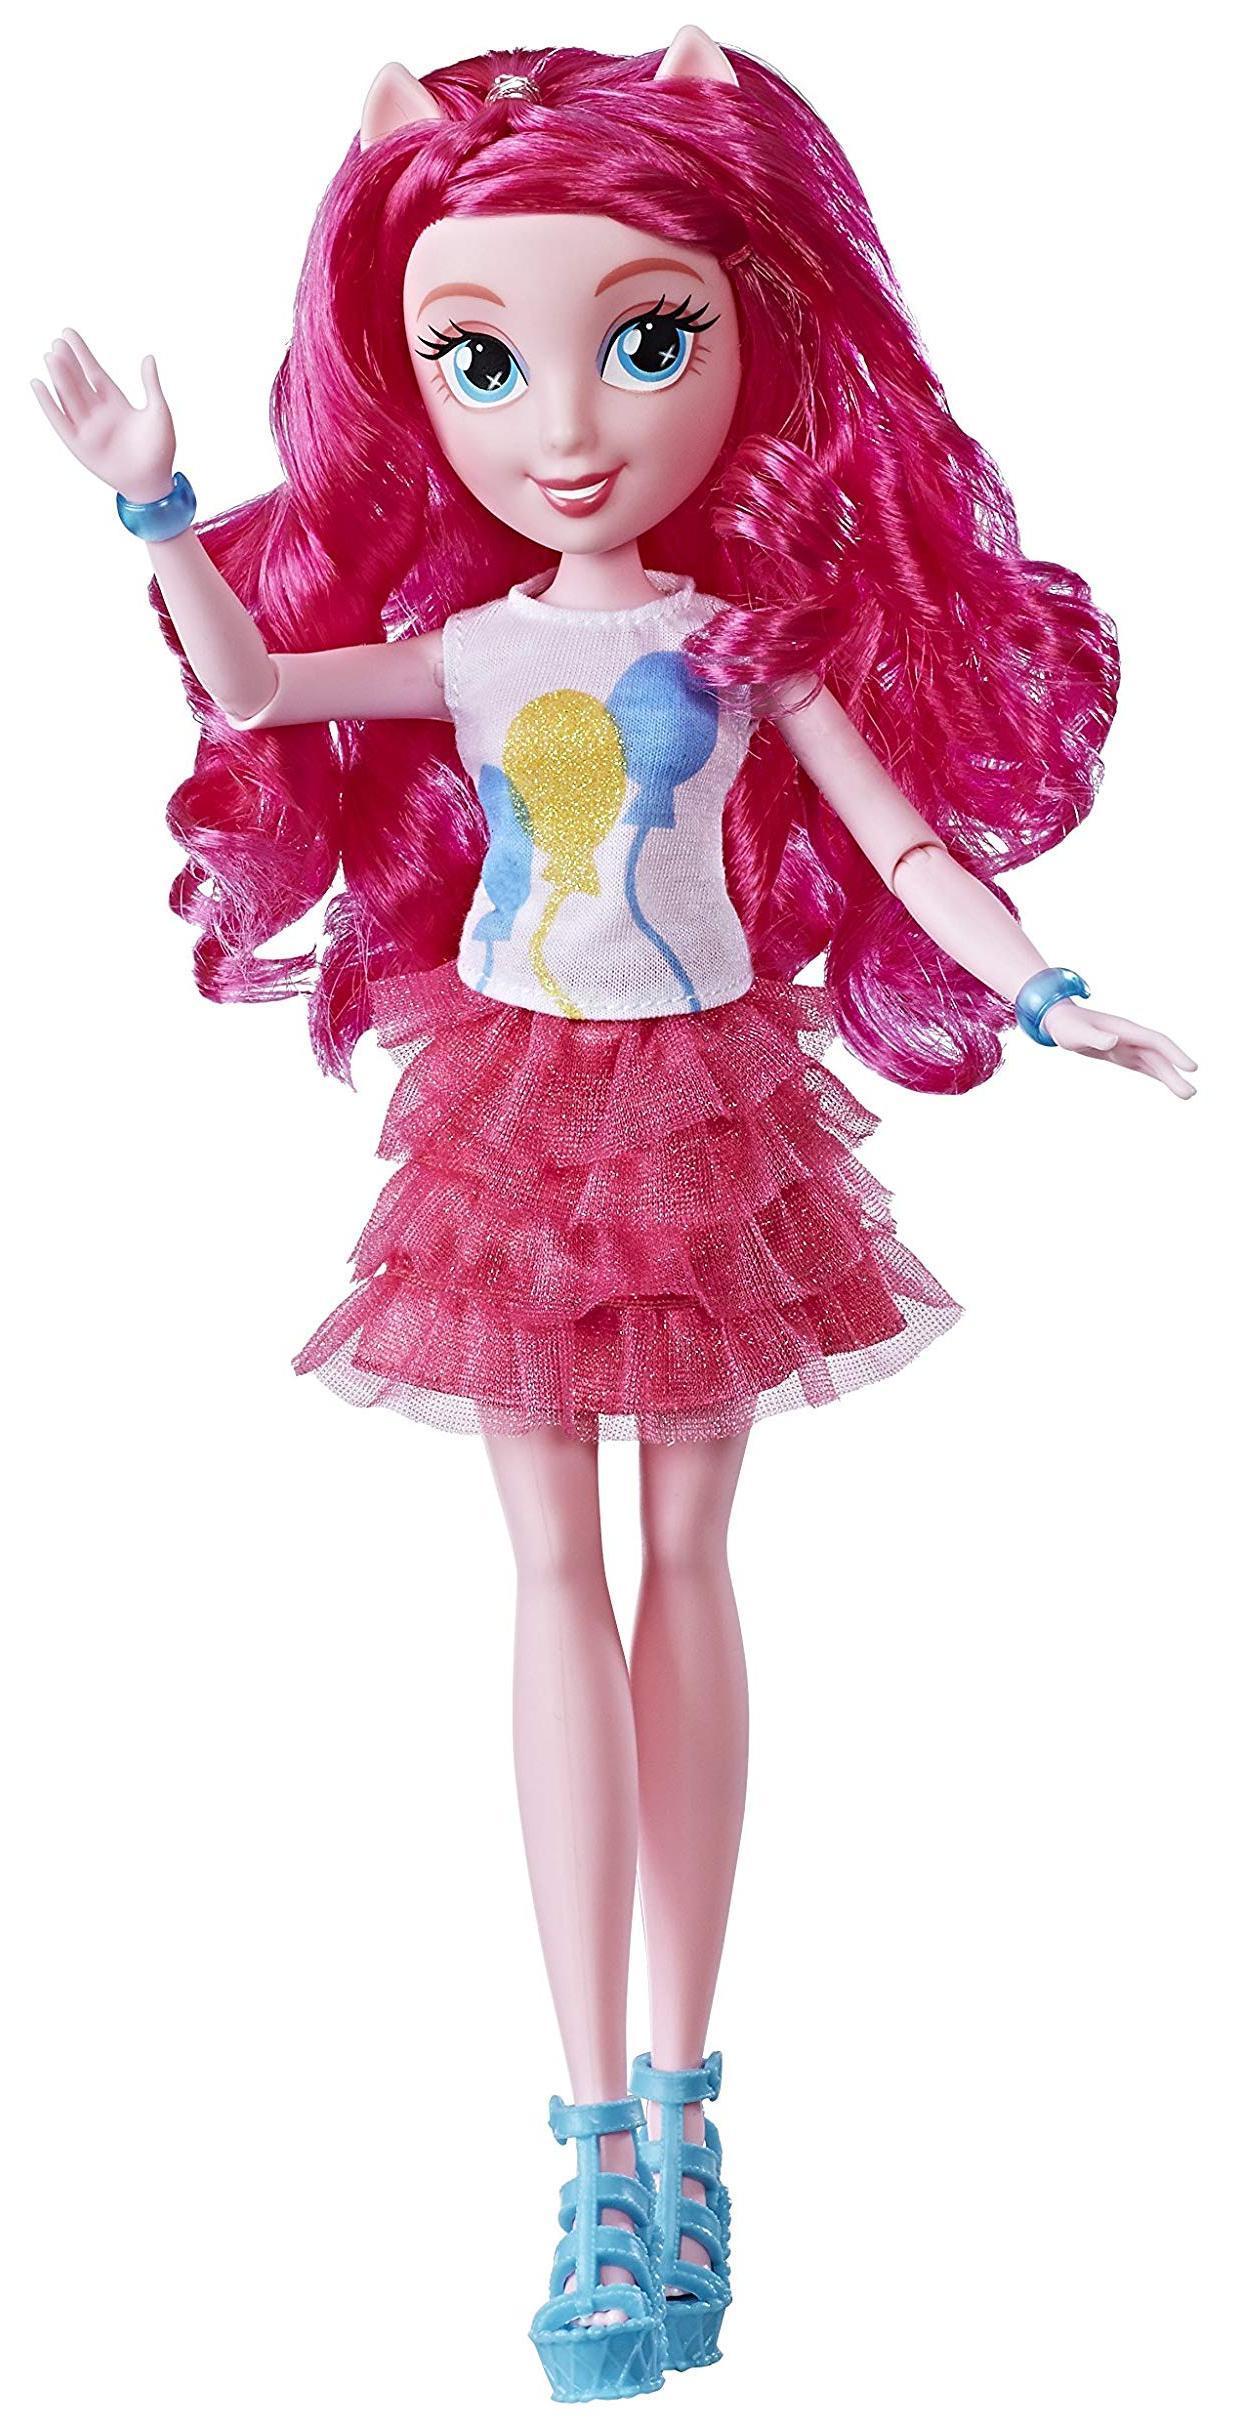 Купить Кукла Equestria Girls Девочки Эквестрии Пинки Пай, MLP Equestria Girls, Китай